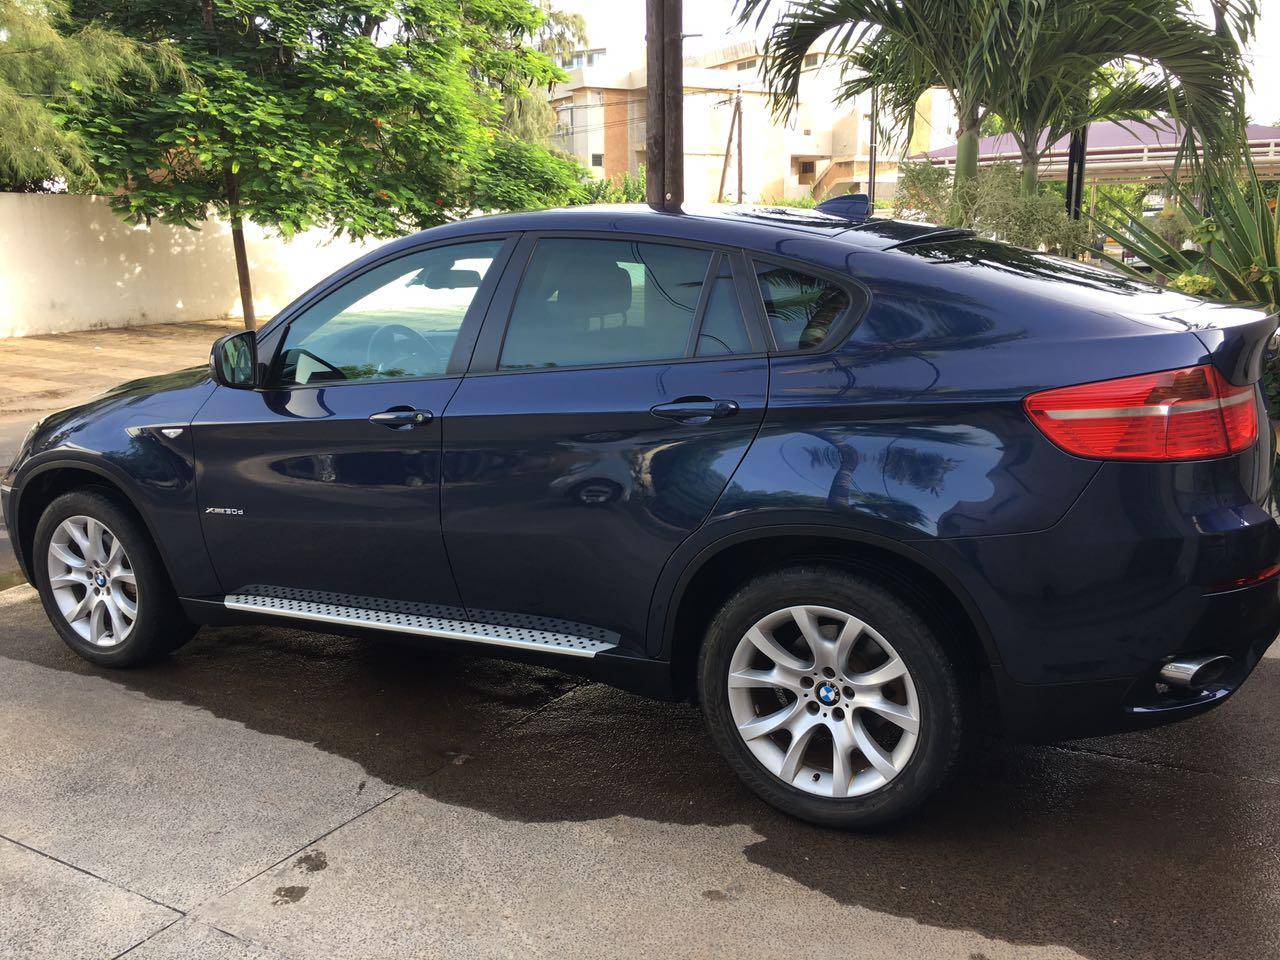 LE VIGILE VOLE UN VÉHICULE BMW X6 : Carrefour automobile lui réclame 132 millions de francs CFA